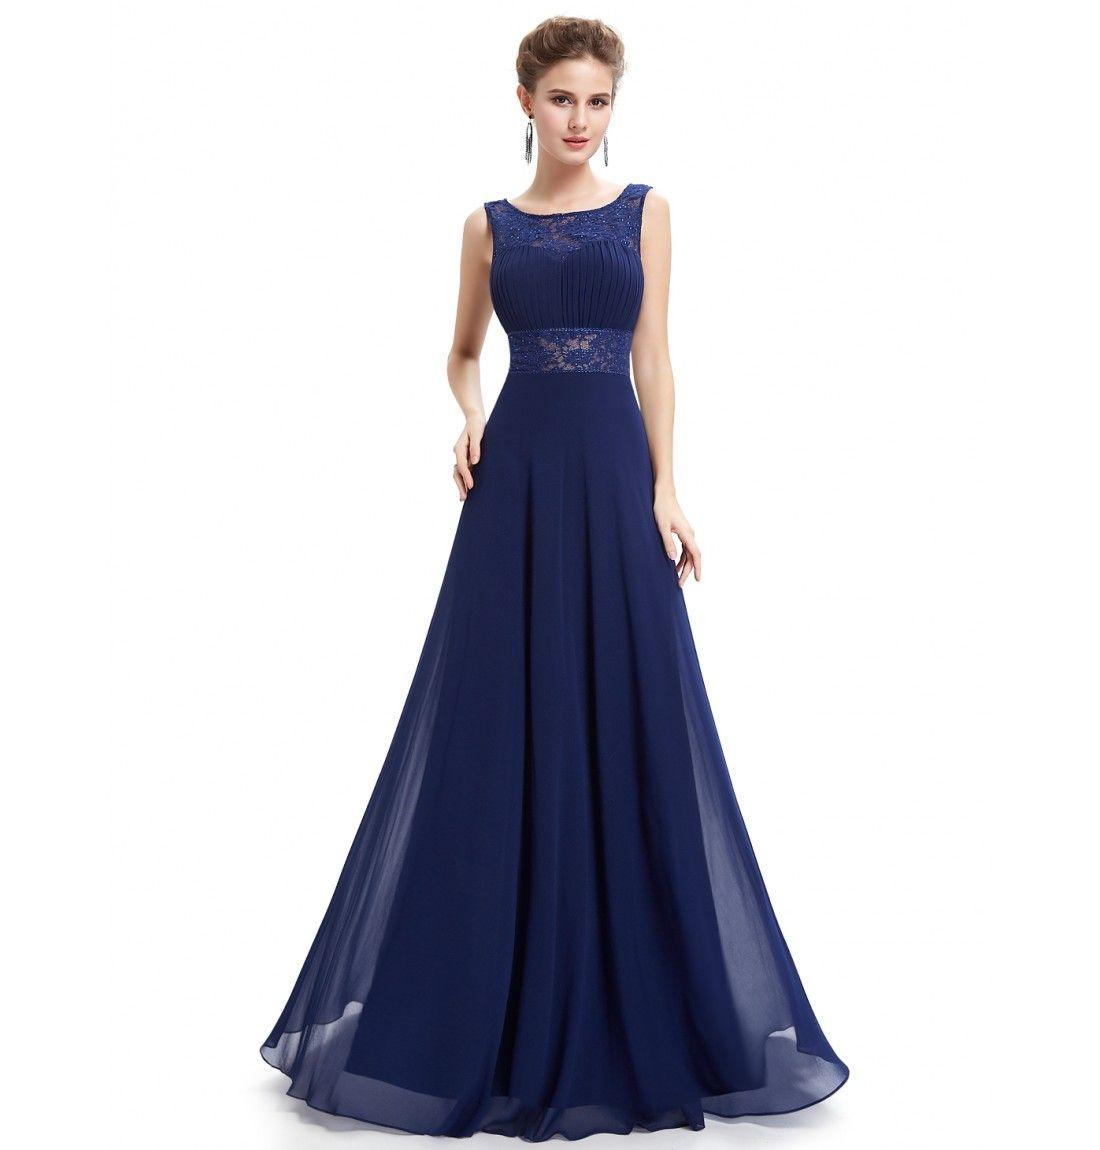 Zauberhaftes A-Linie Abendkleid Dunkelblau  Schöne kleider